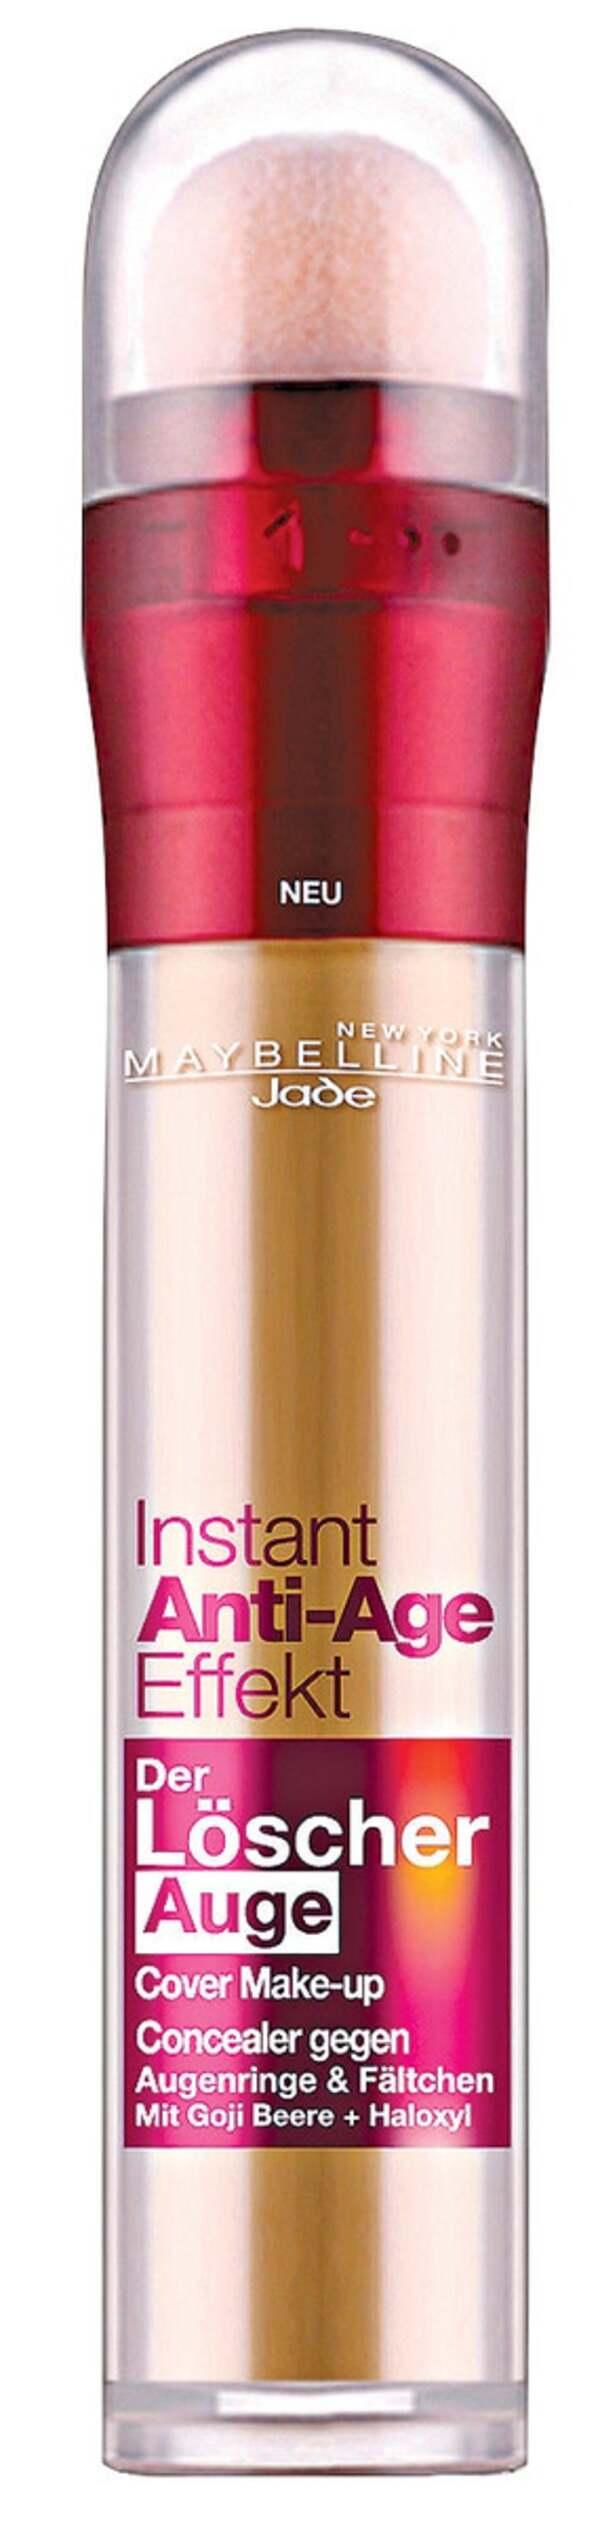 Maybelline New York Instant Anti Age Effekt Der Löscher..